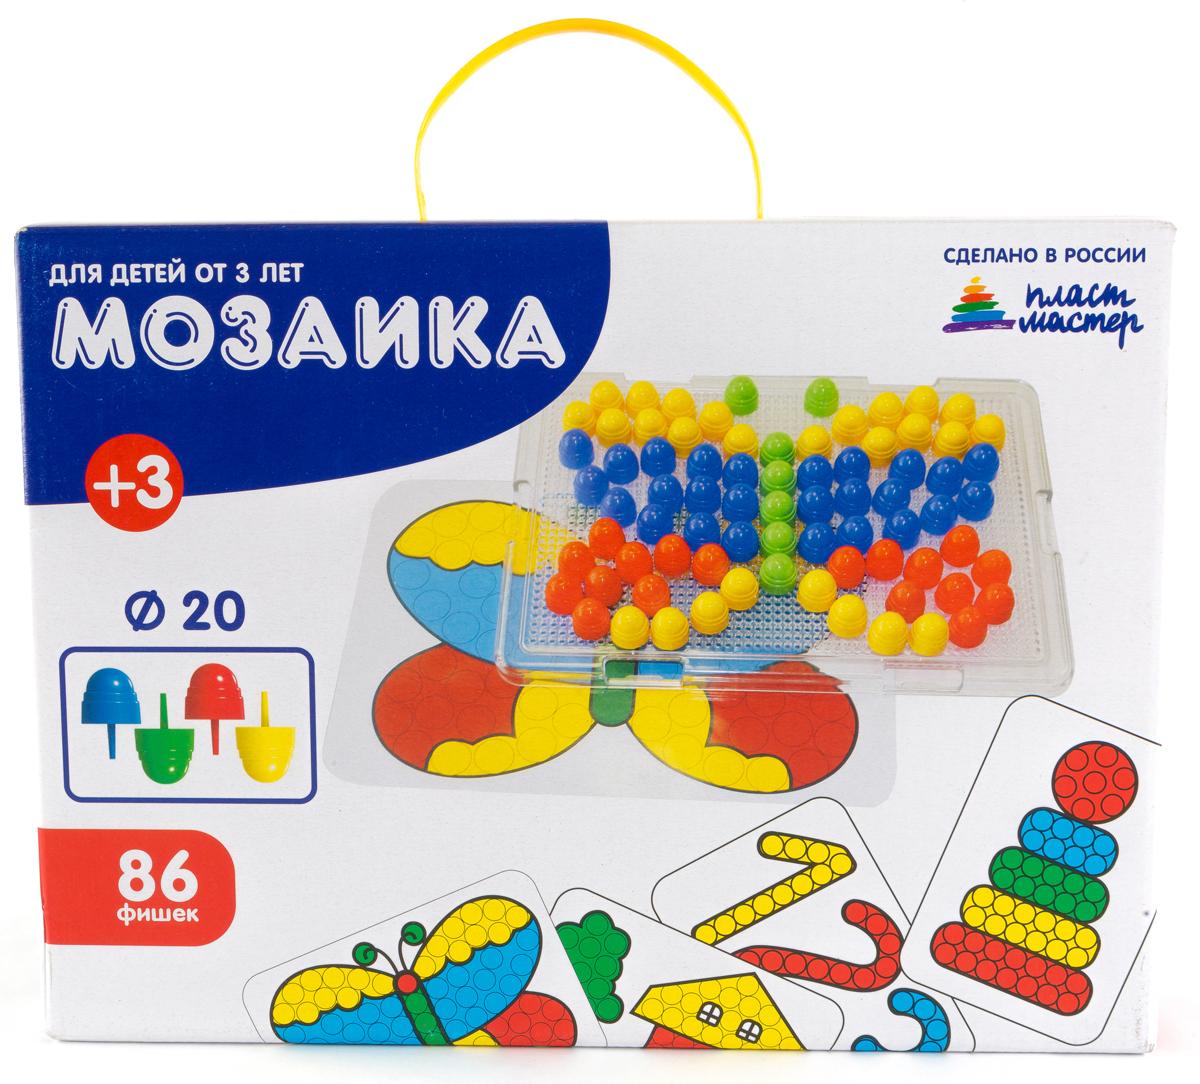 Пластмастер Мозаика с картинками d20 игра мозаика с аппликацией медовая сказка d10 d15 d20 105 5 цв 6 аппл 2 поля